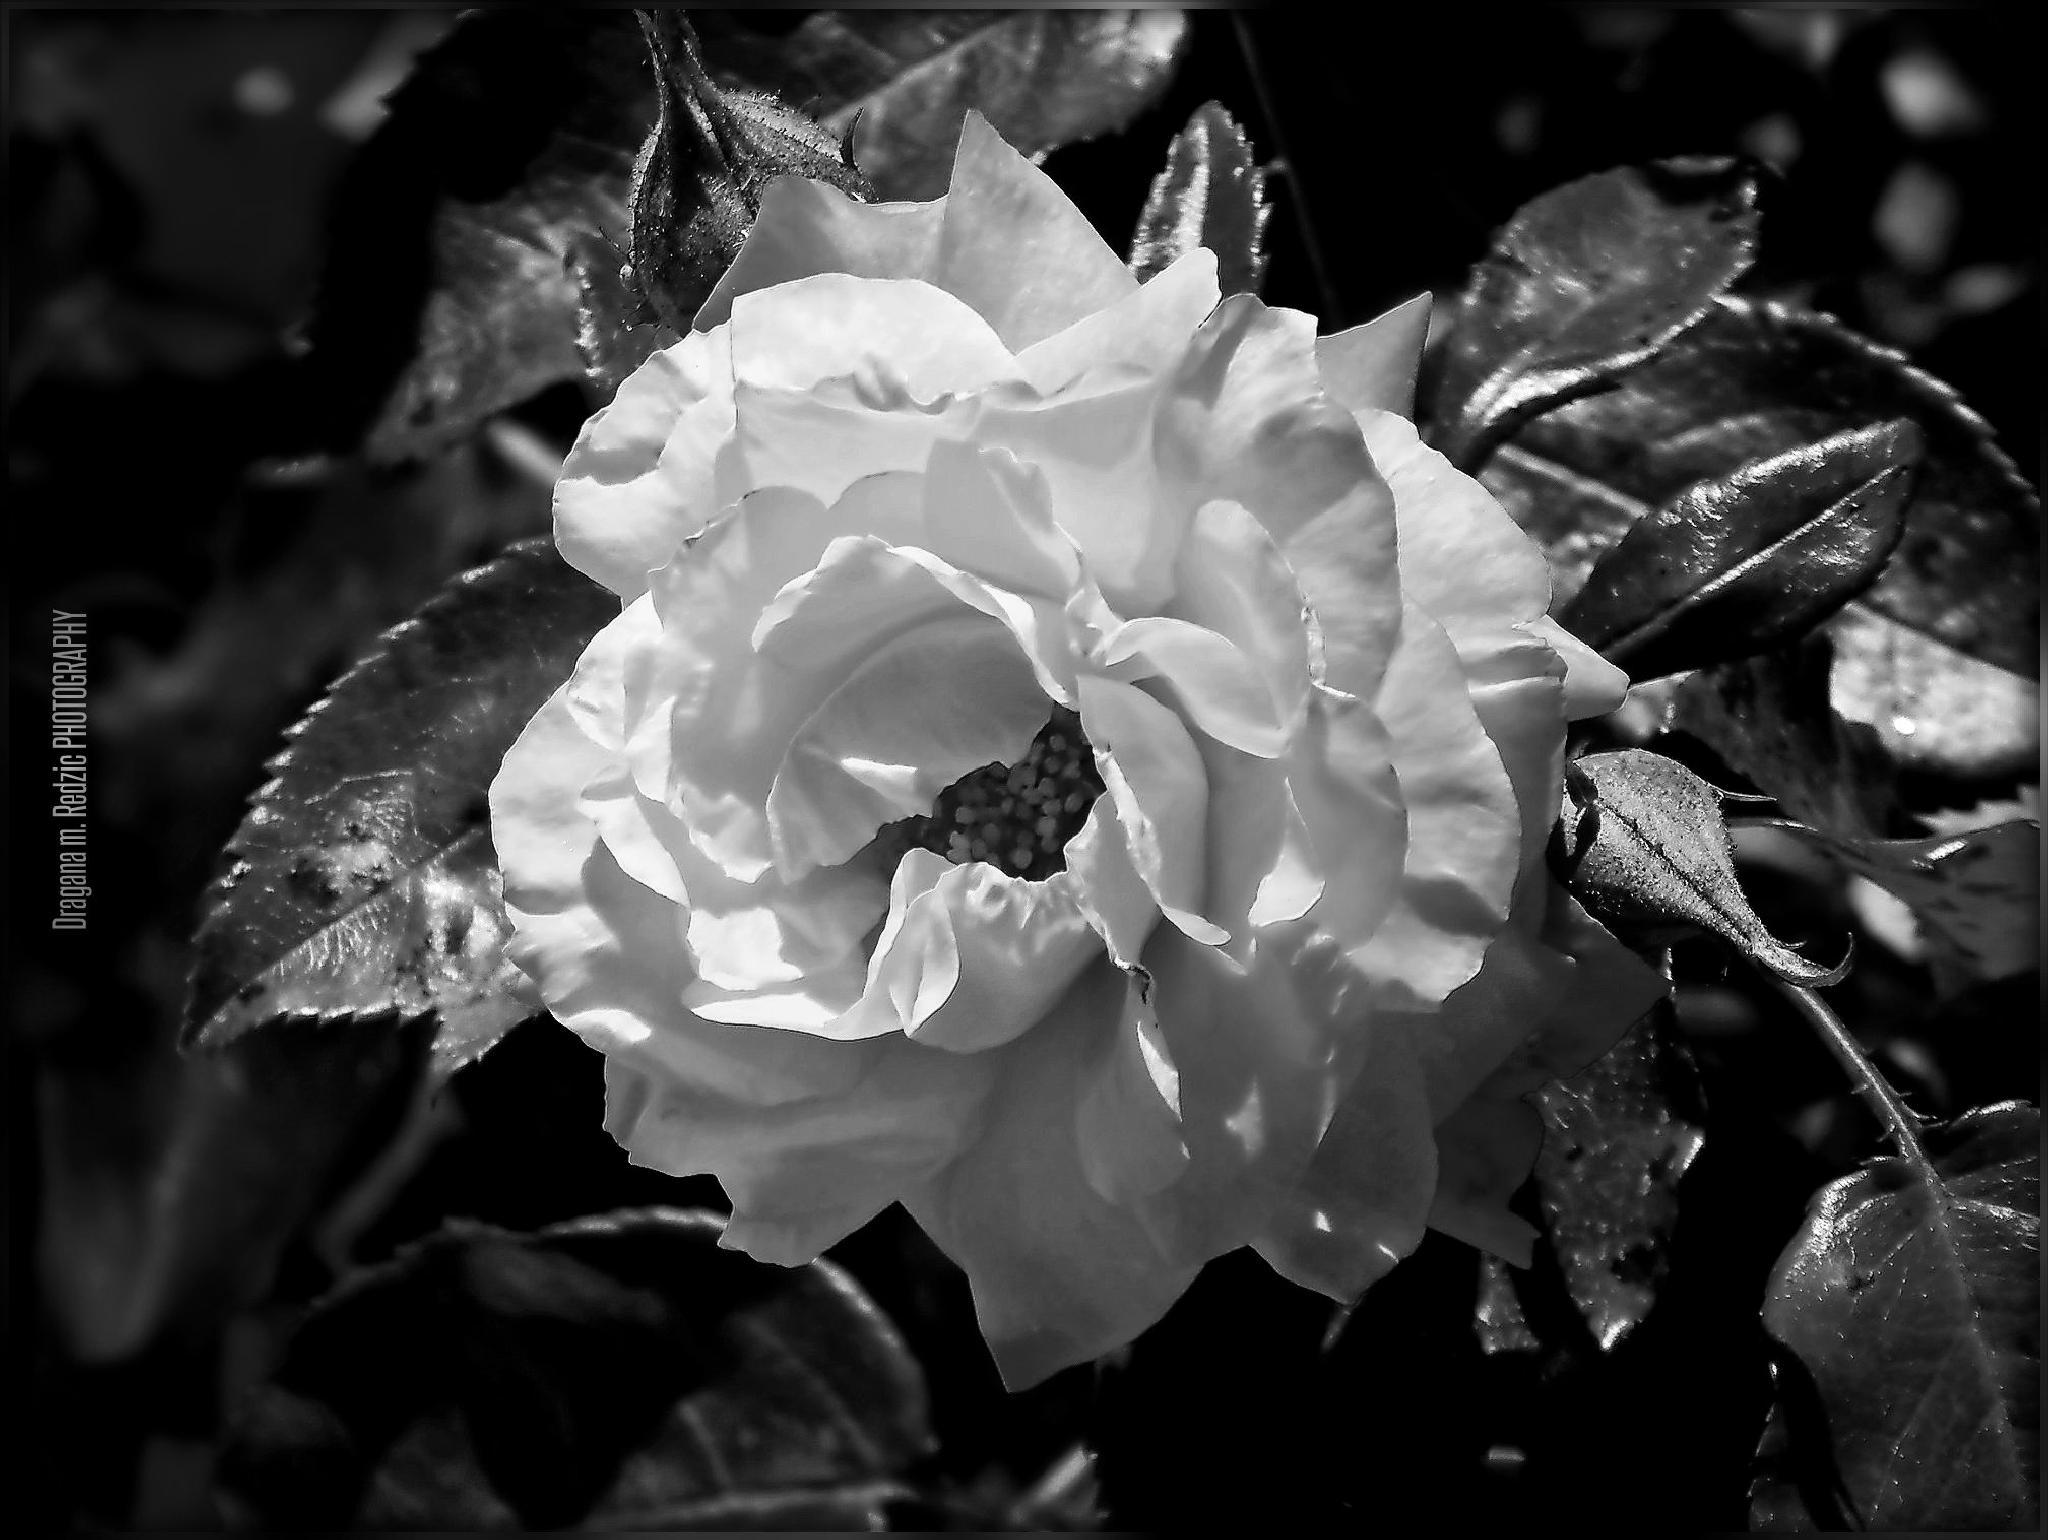 Rosa L. by Драгана М. Реџић